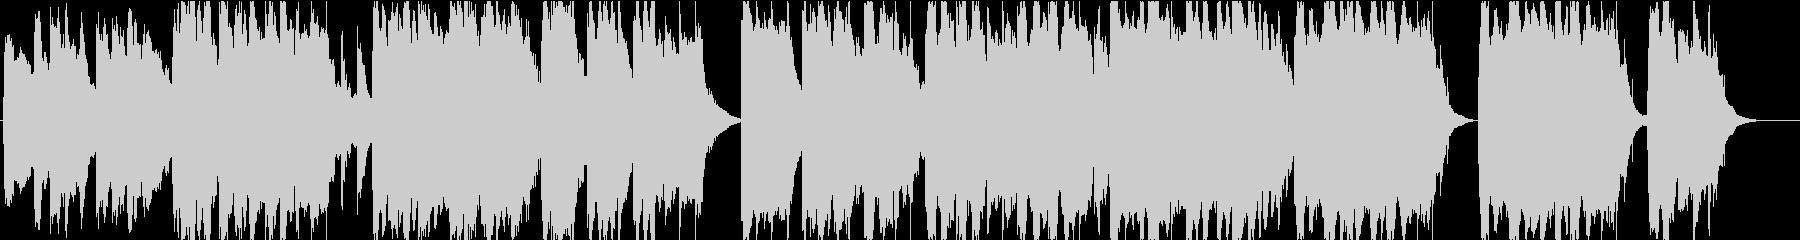 哀愁のある幻想的でノスタルジックなBGMの未再生の波形